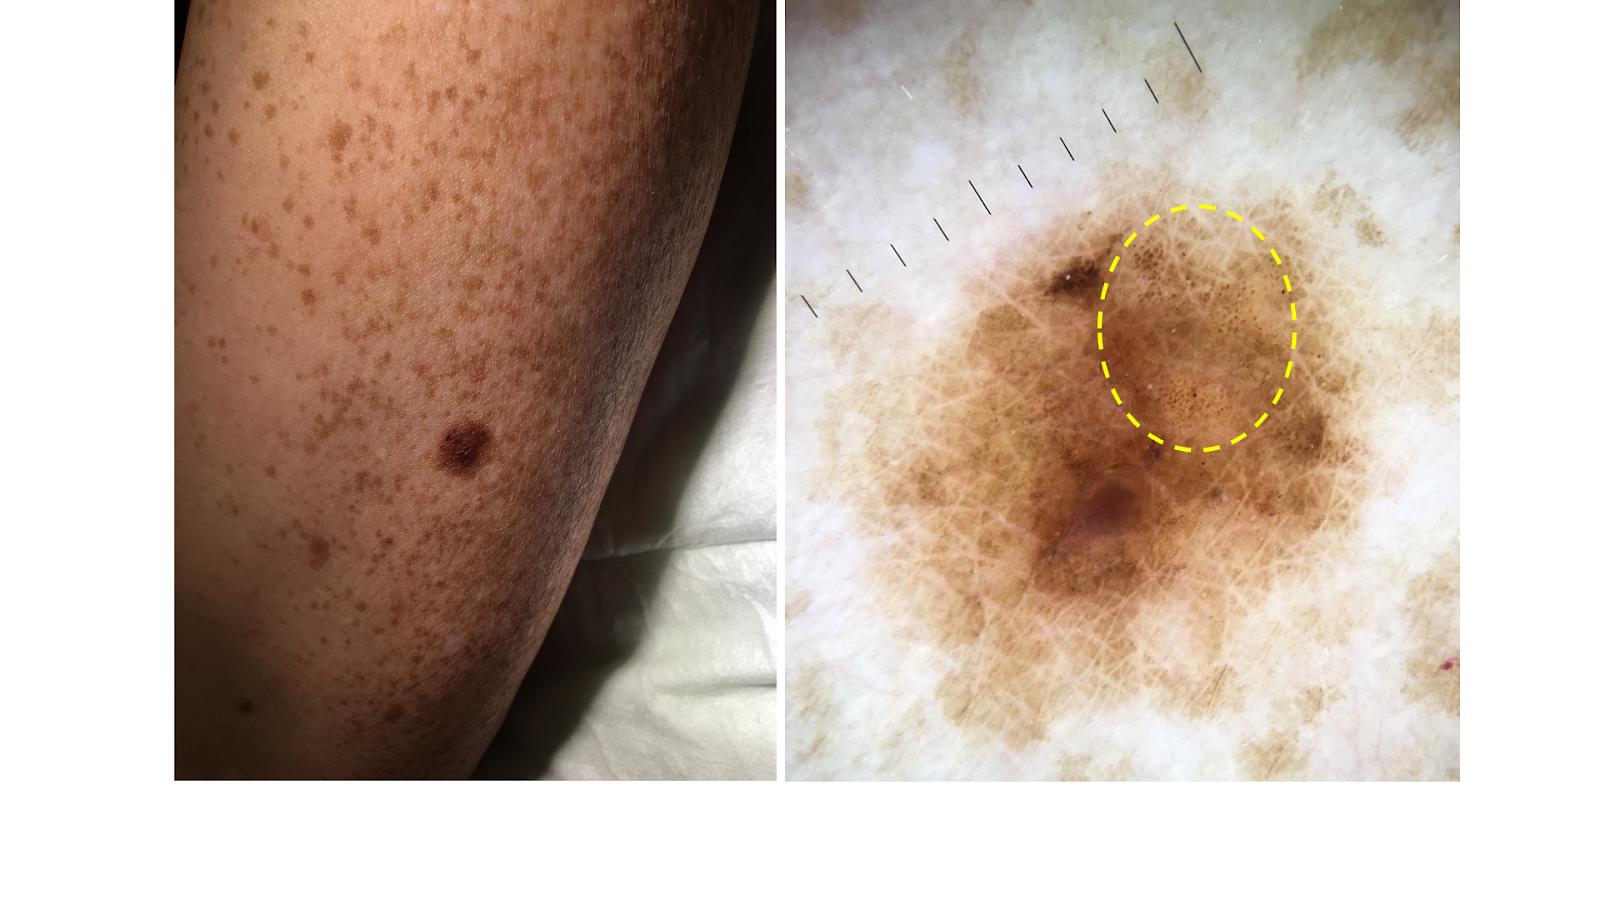 lesión melanocítica con zona globular